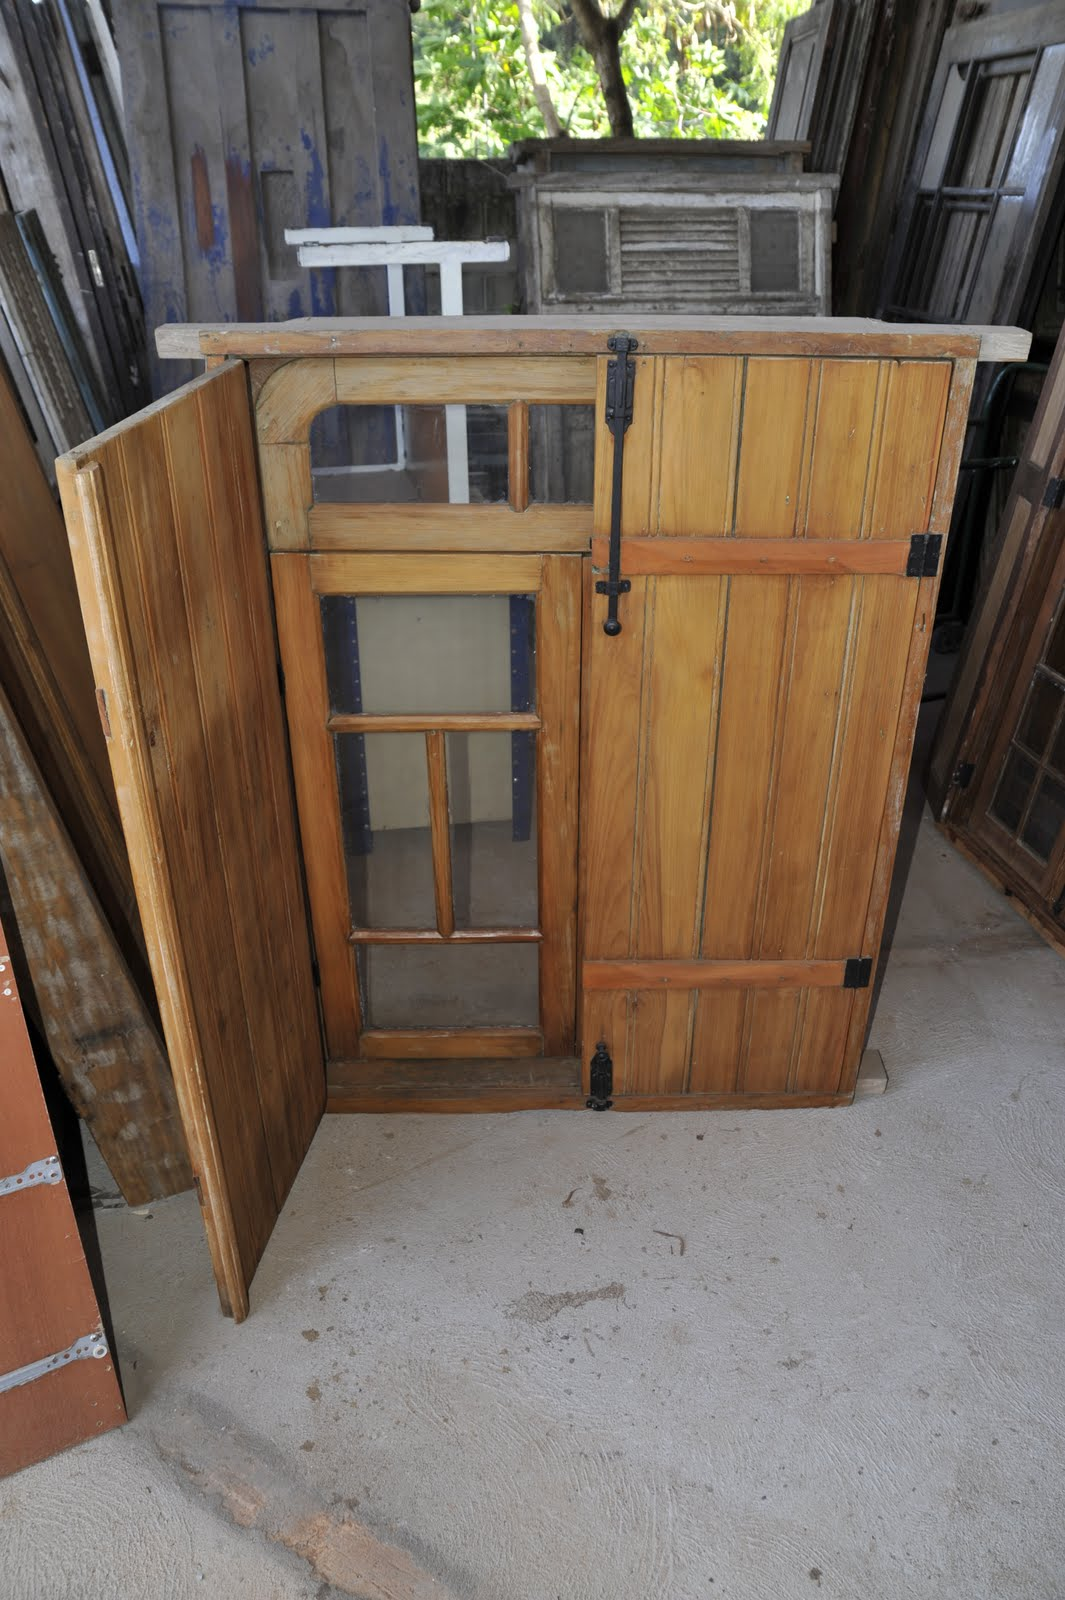 #8E6C3D Compra e Venda de porta e janelas antigas. 1252 Portas E Janelas Em Madeira De Lei